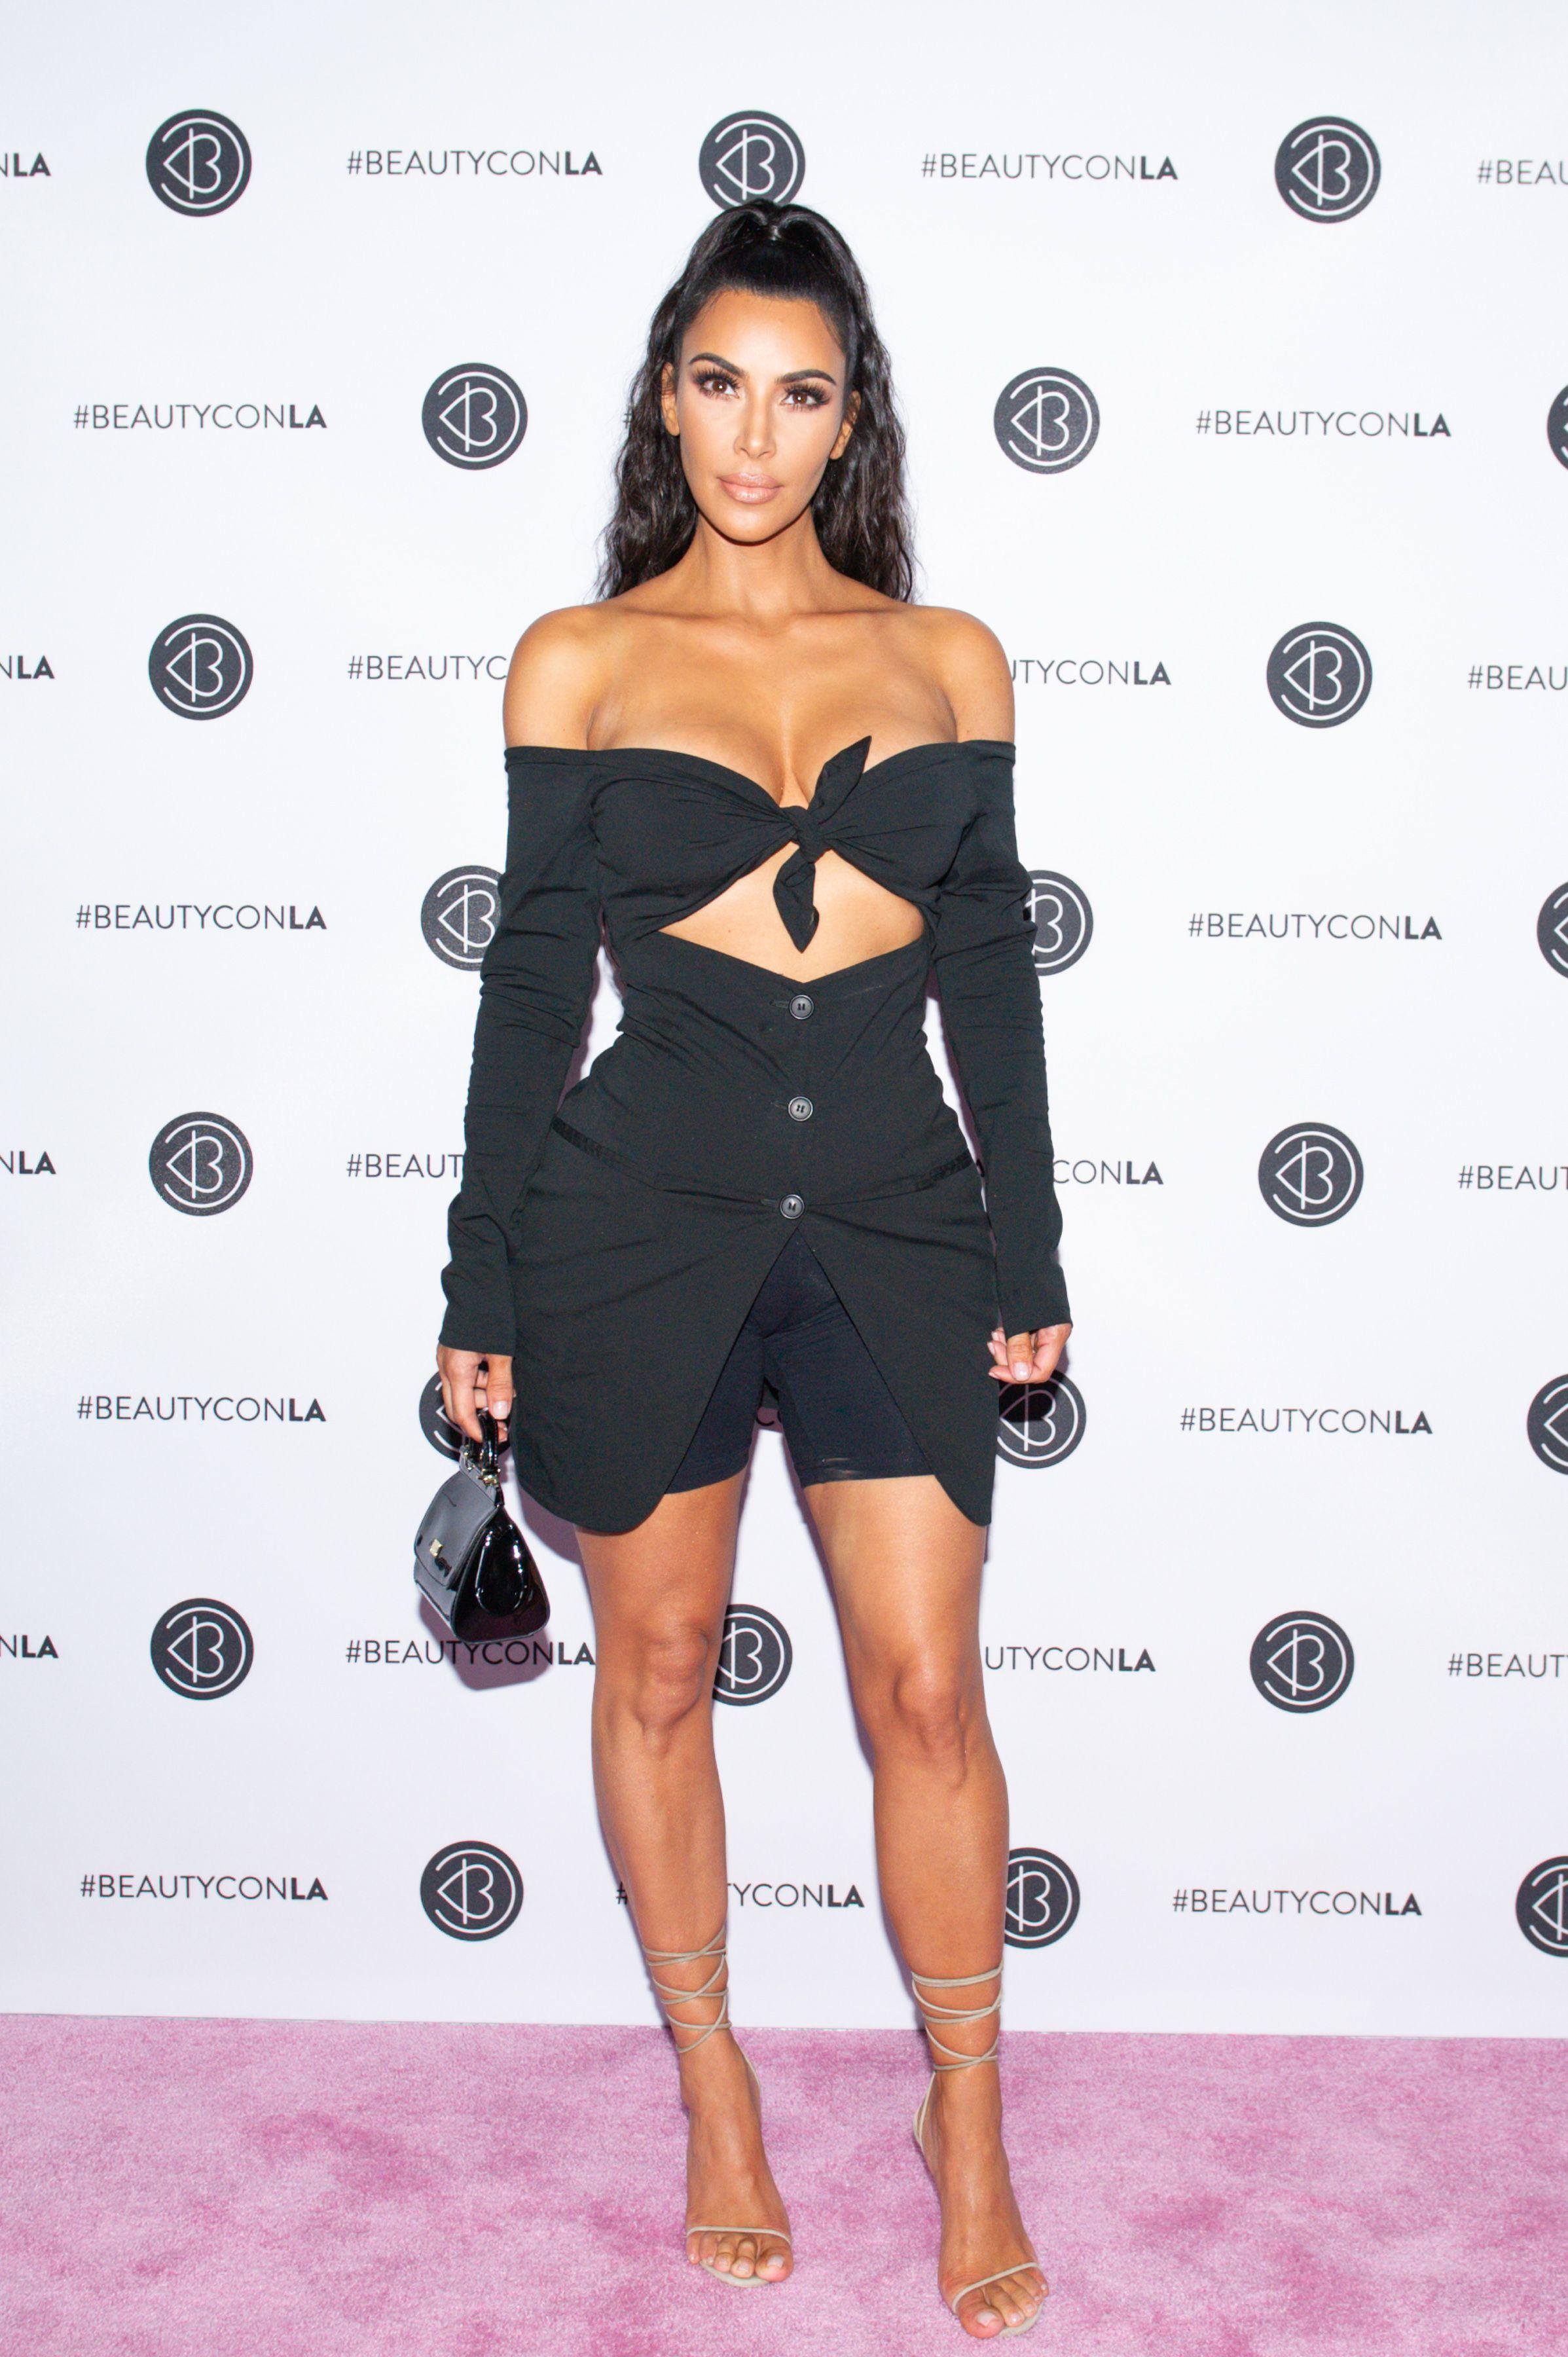 Kim Kardashian West attends the Beautycon Festival in Los Angeles on July 15, 2018.